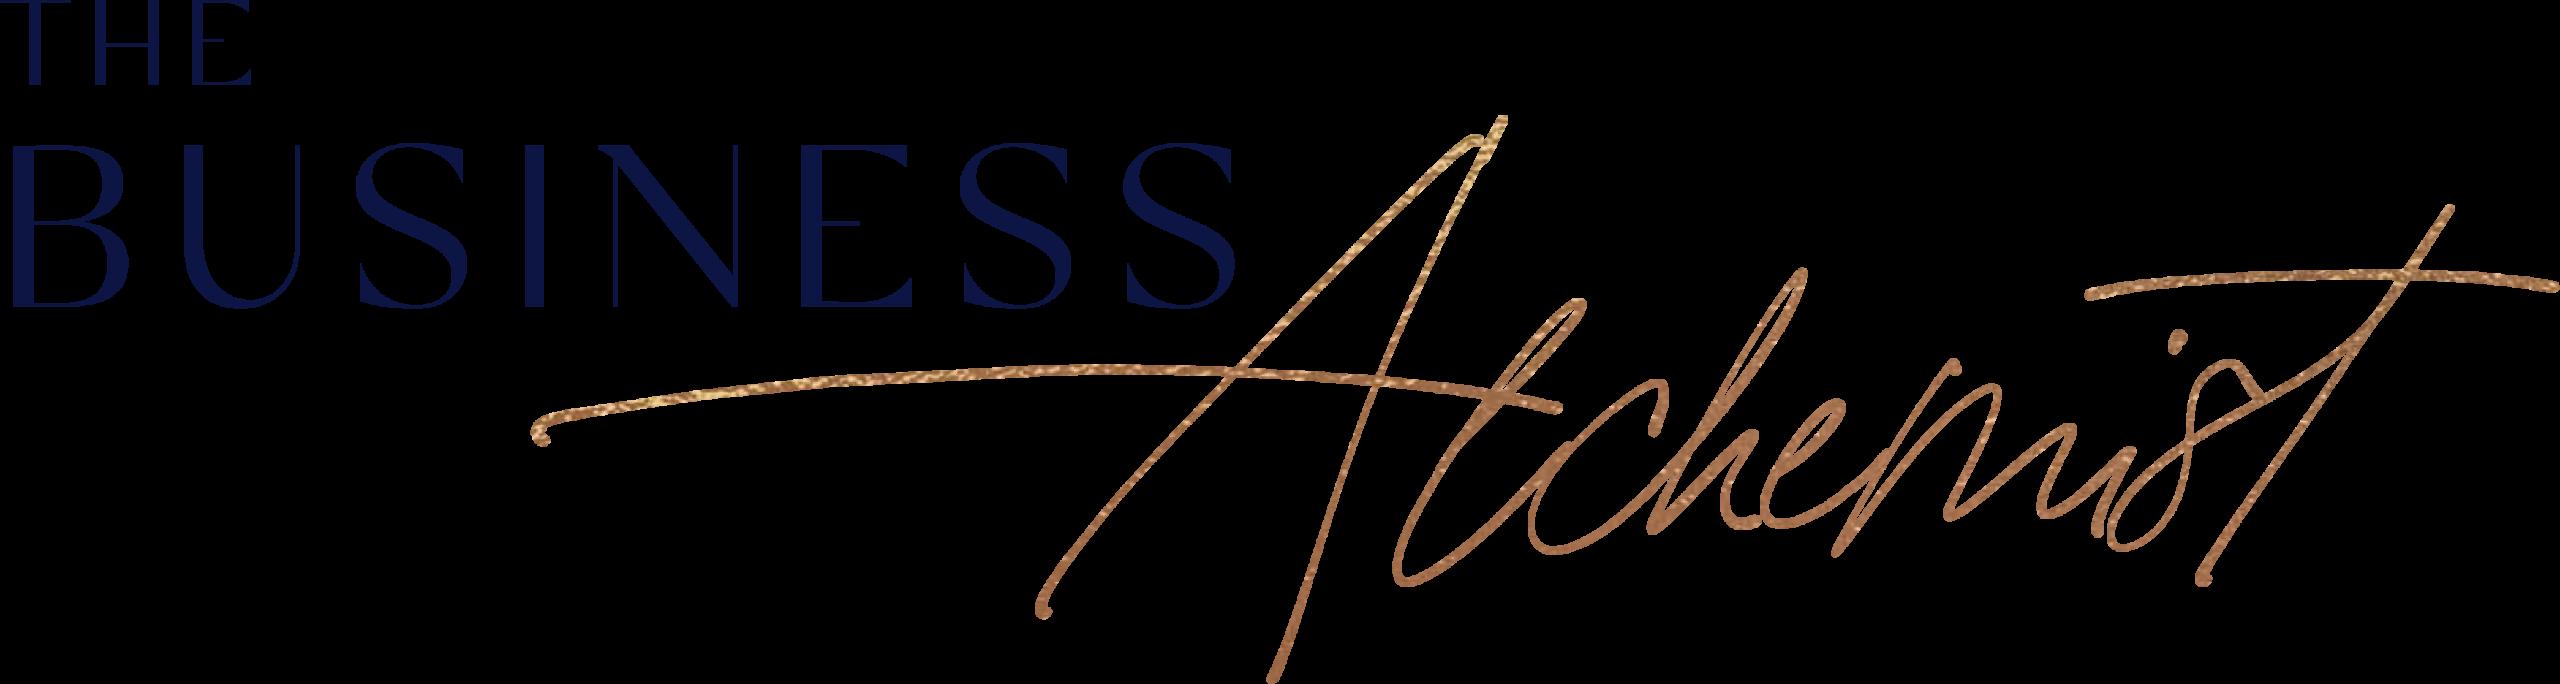 CC - Business Alch - logo colour